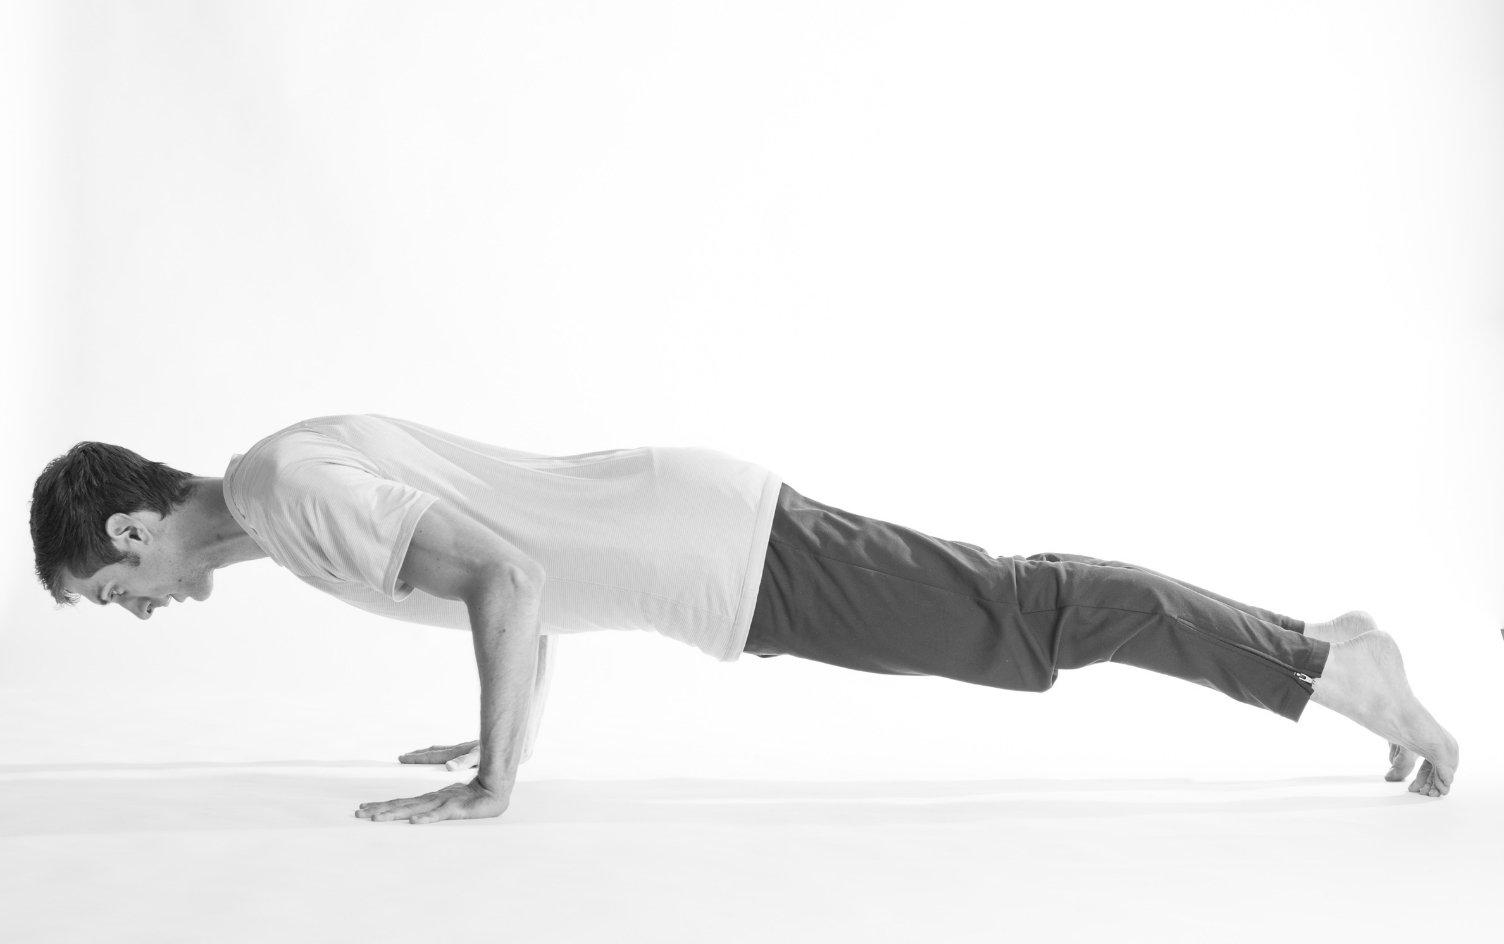 chutaranga è una delle posizioni fondamentali ma più difficili dello Yoga